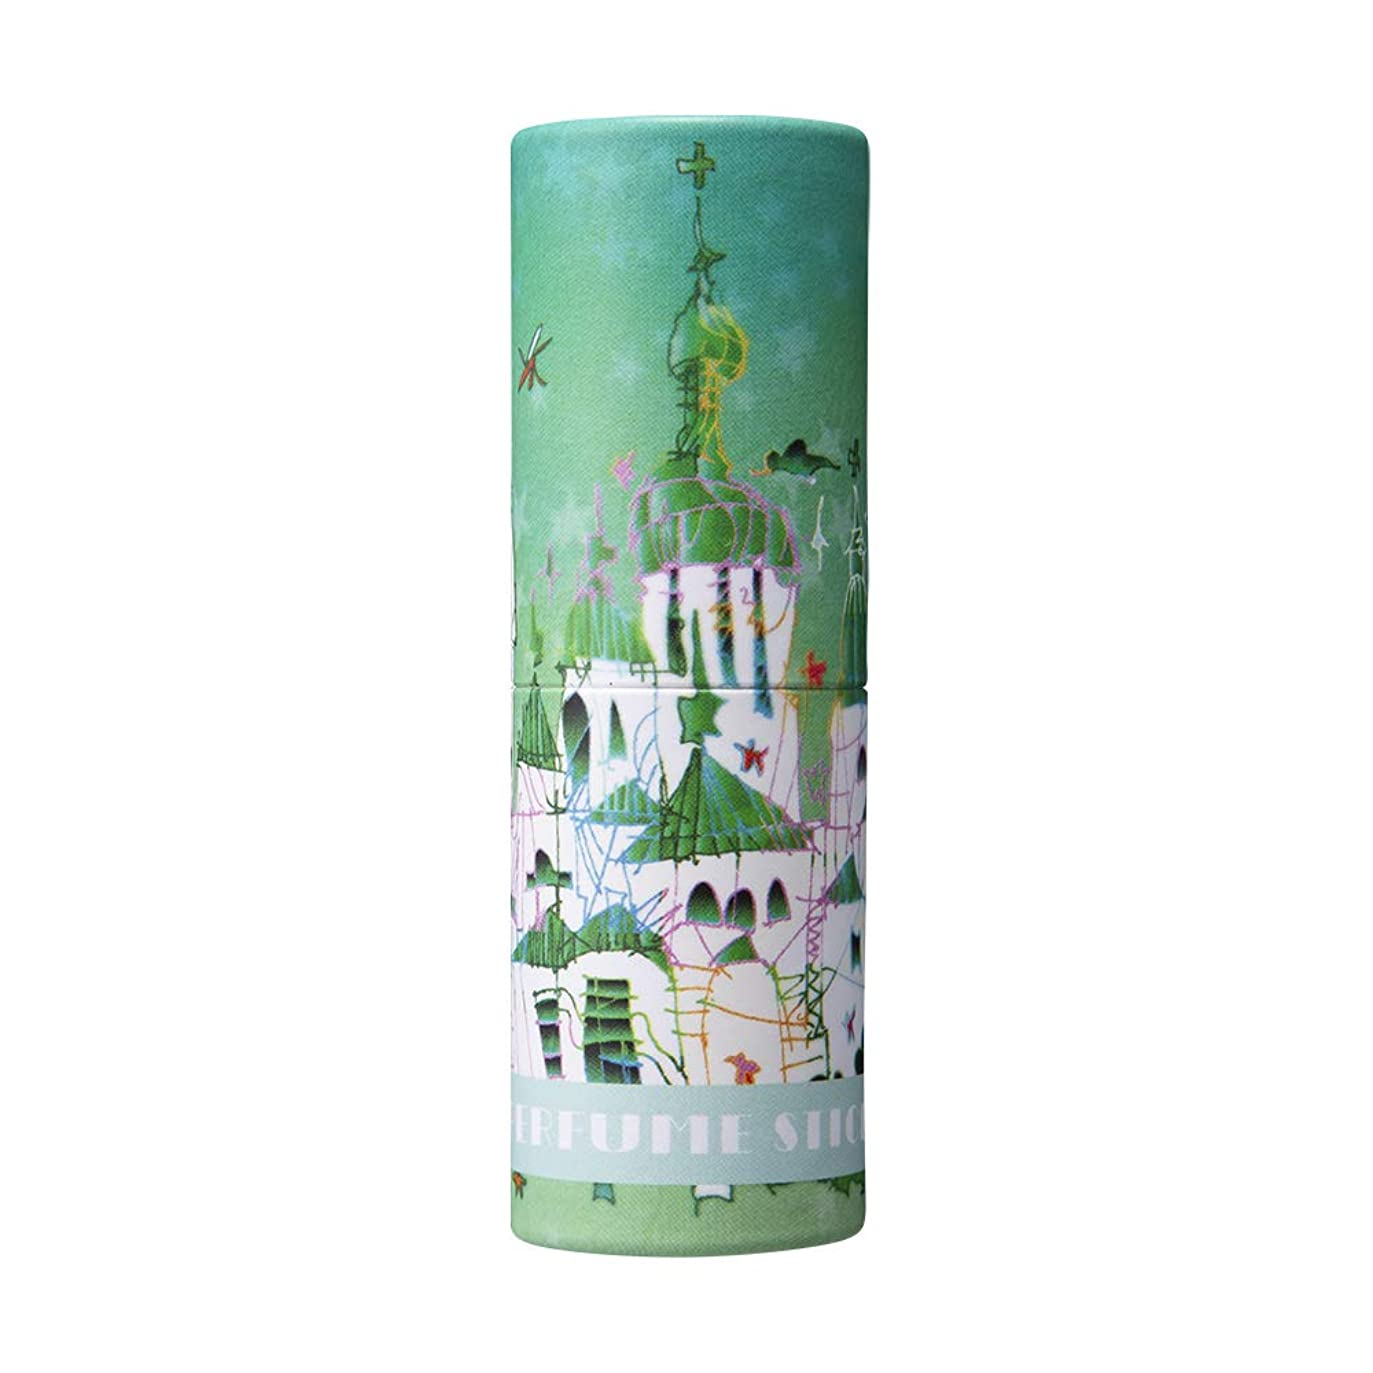 飾る大工小学生パフュームスティック サンクス グリーンアップル&ムスクの香り 世界遺産デザイン 5g